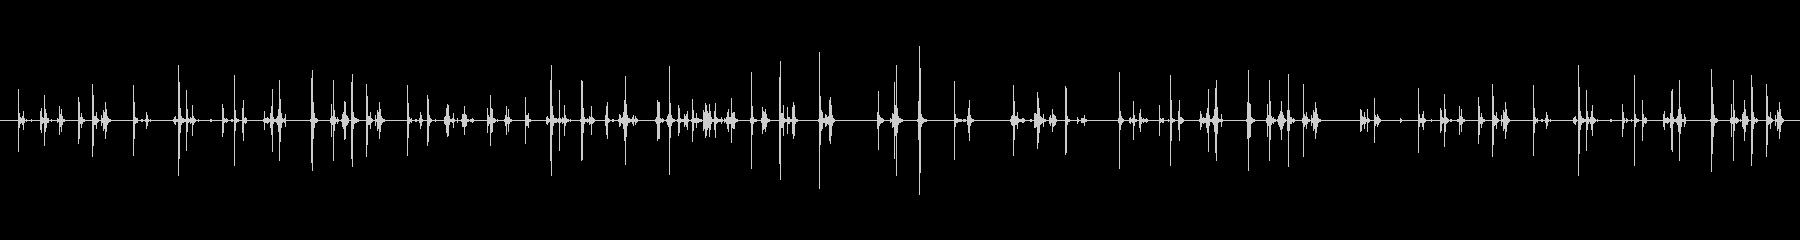 【PC キーボード01-2】の未再生の波形